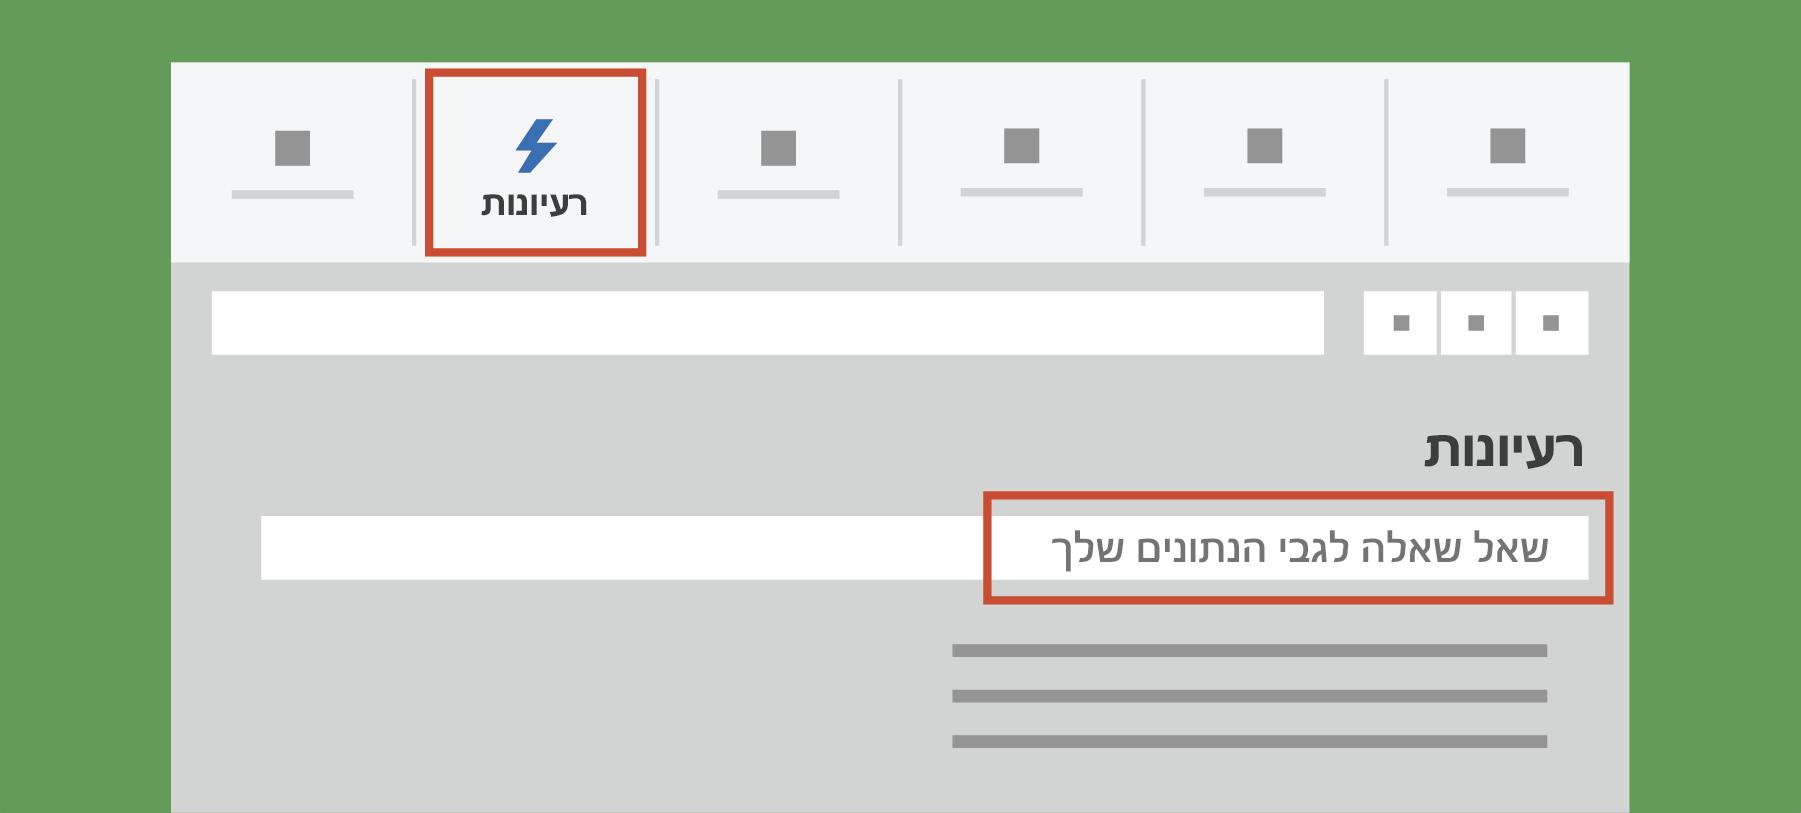 מציג רעיונות ב- Excel